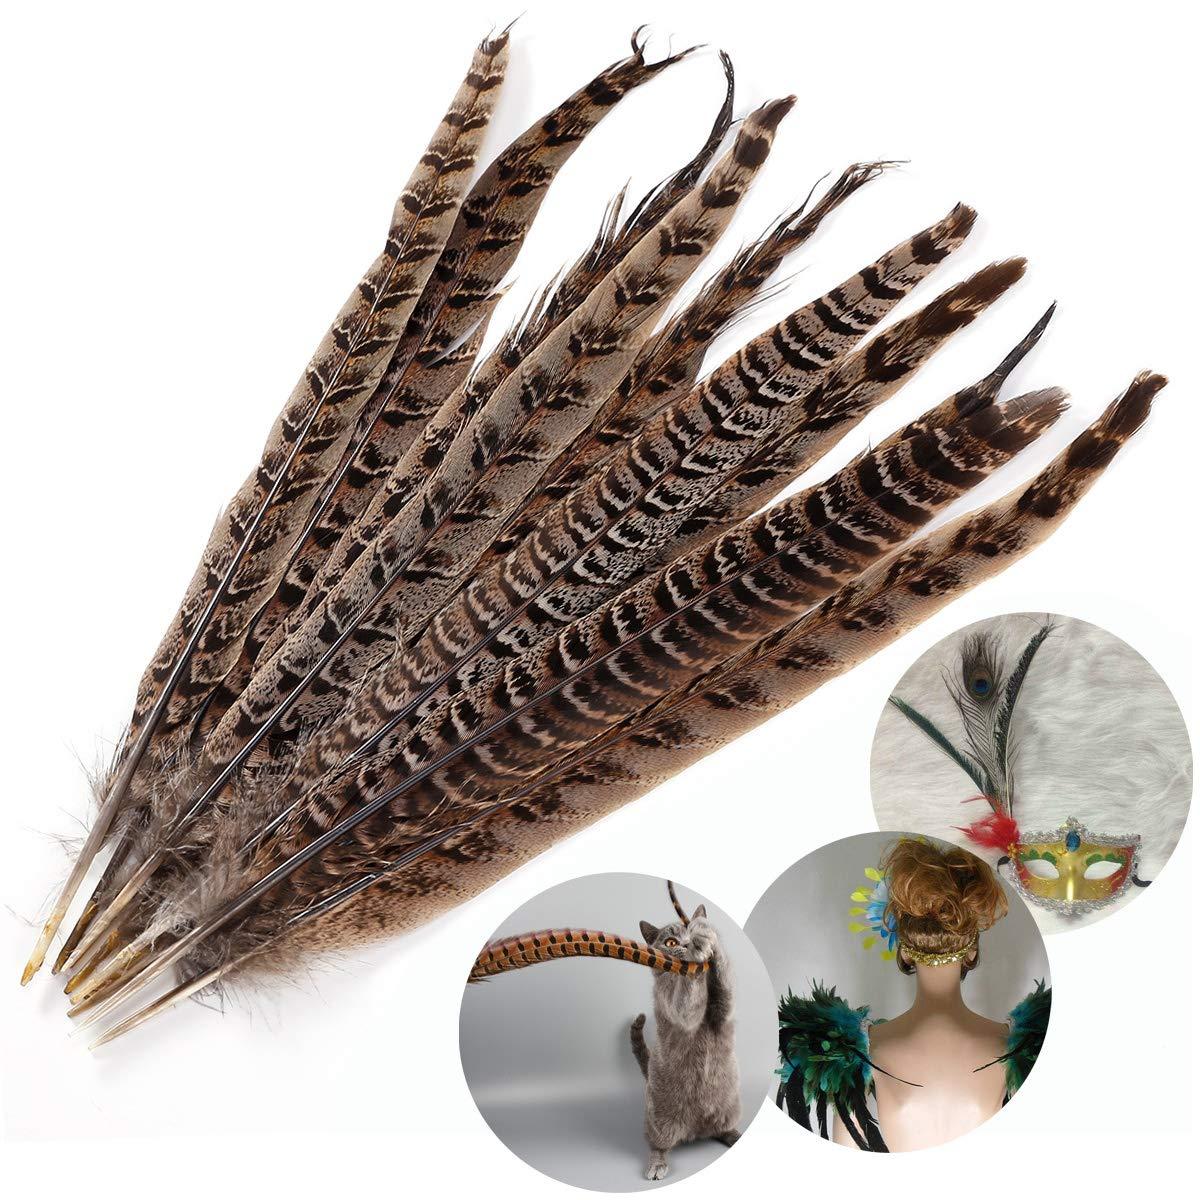 /30/cm Naturale Surepromise 10PCS fagiano piume per capelli cappelli Crafts Home wedding party 25/